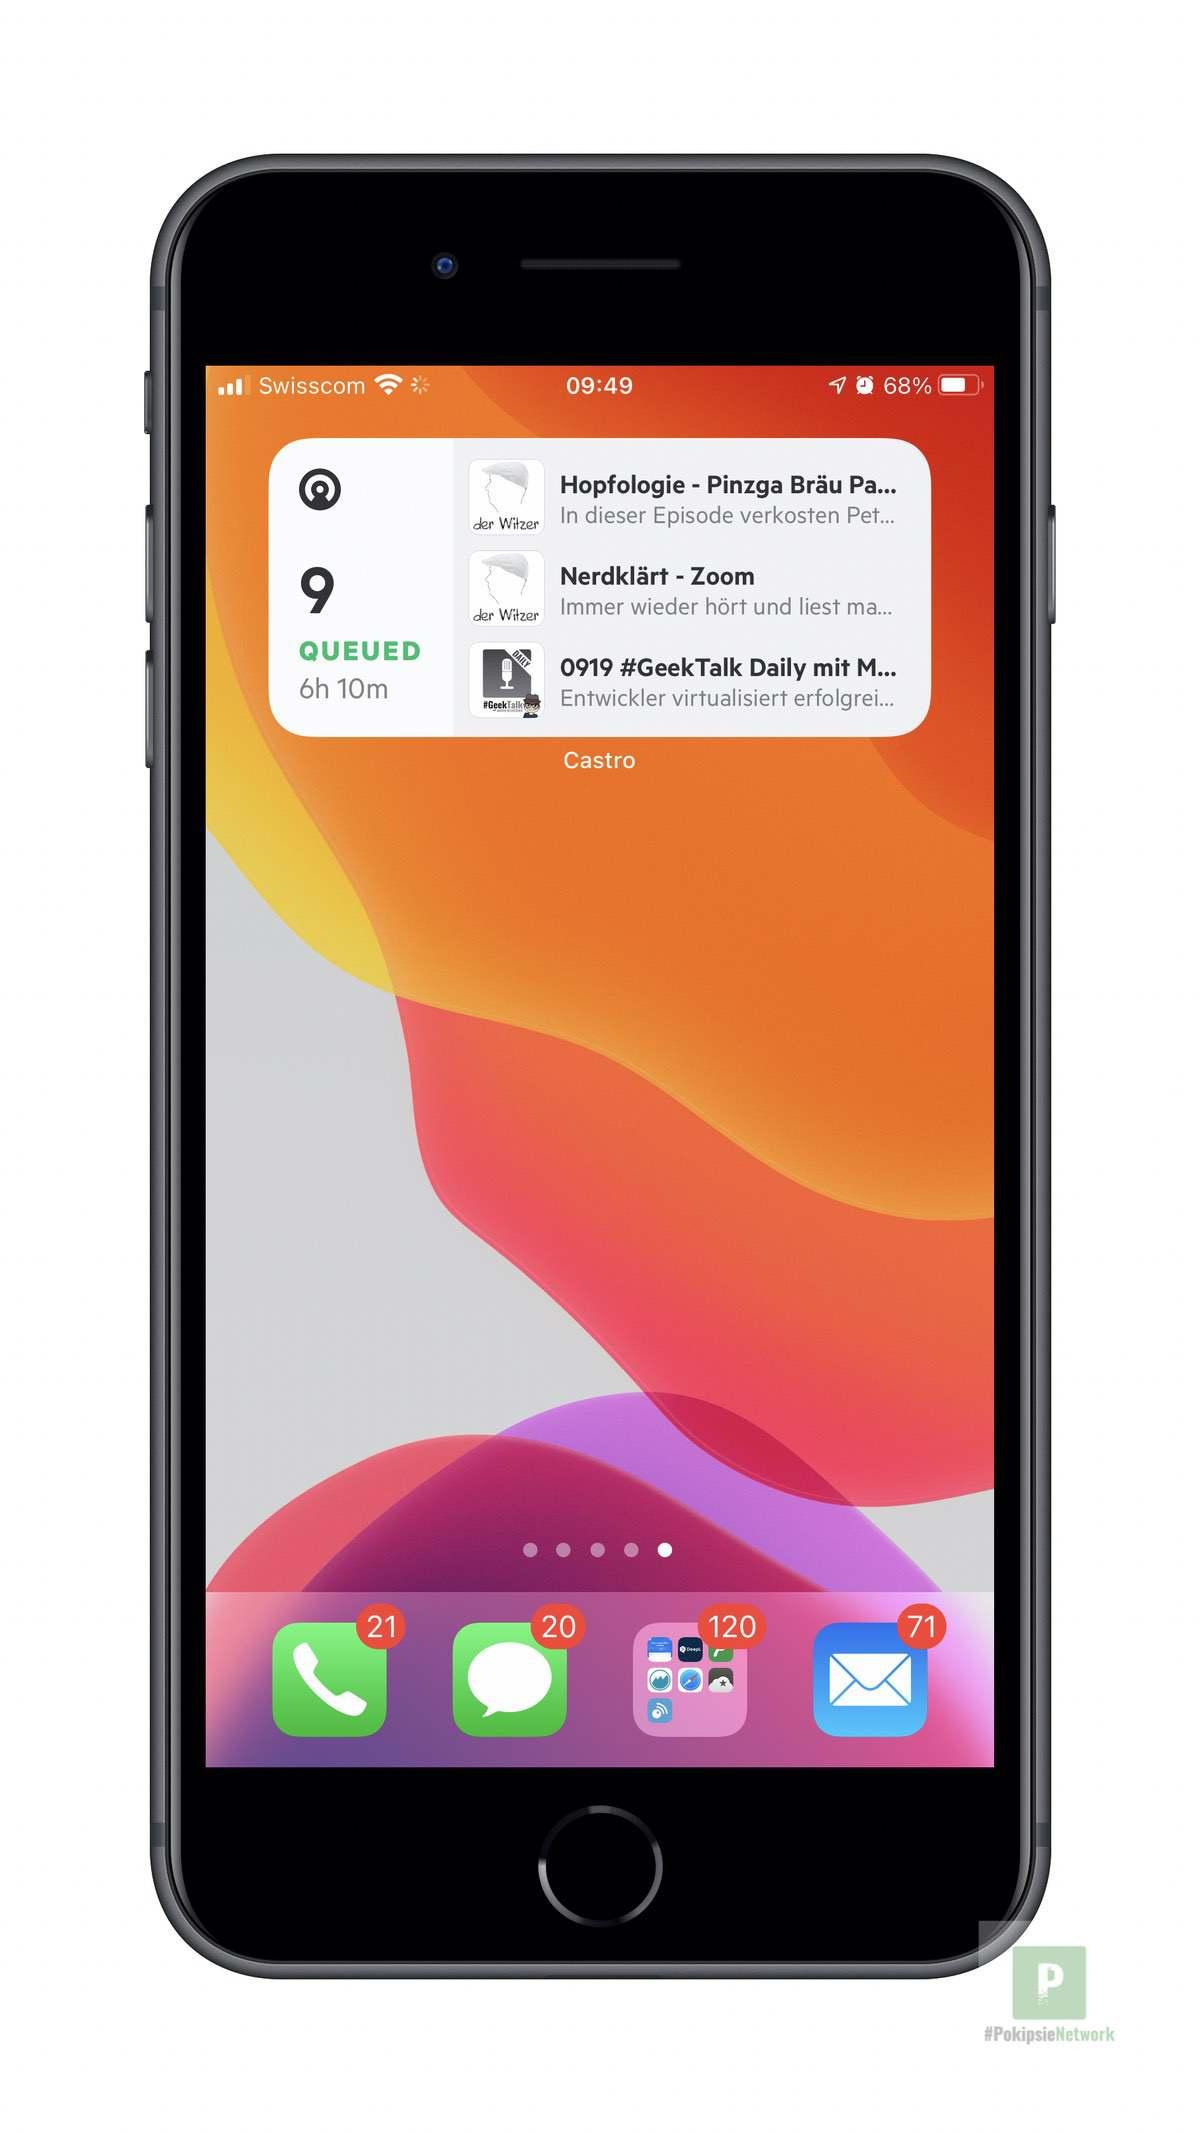 Castro - iOS Widget Mittel